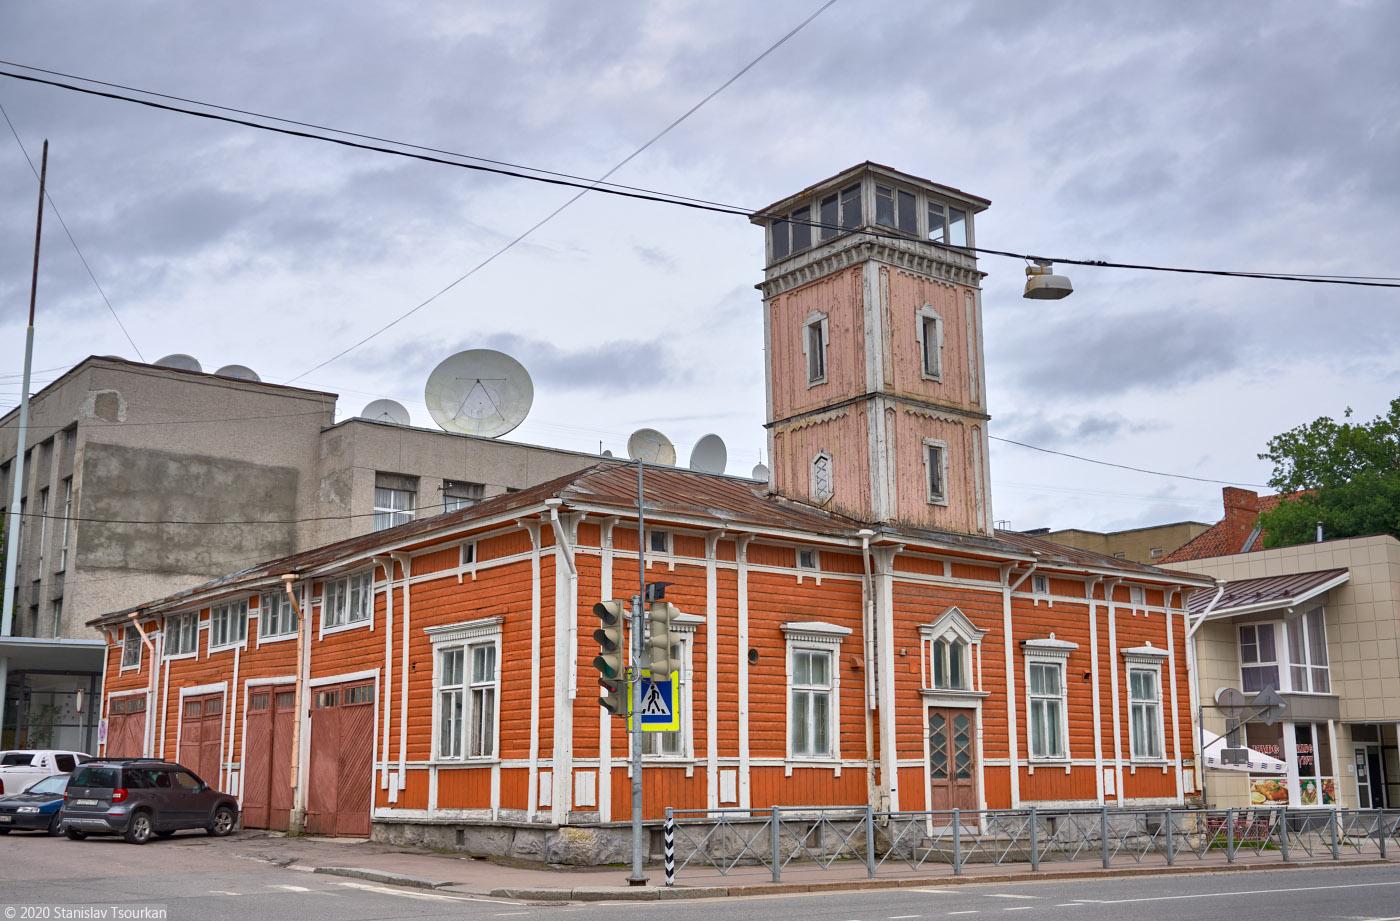 Карелия, республика Карелия, Сортавала, russia, karjala, sortavala, карельская улица, пожарная каланча